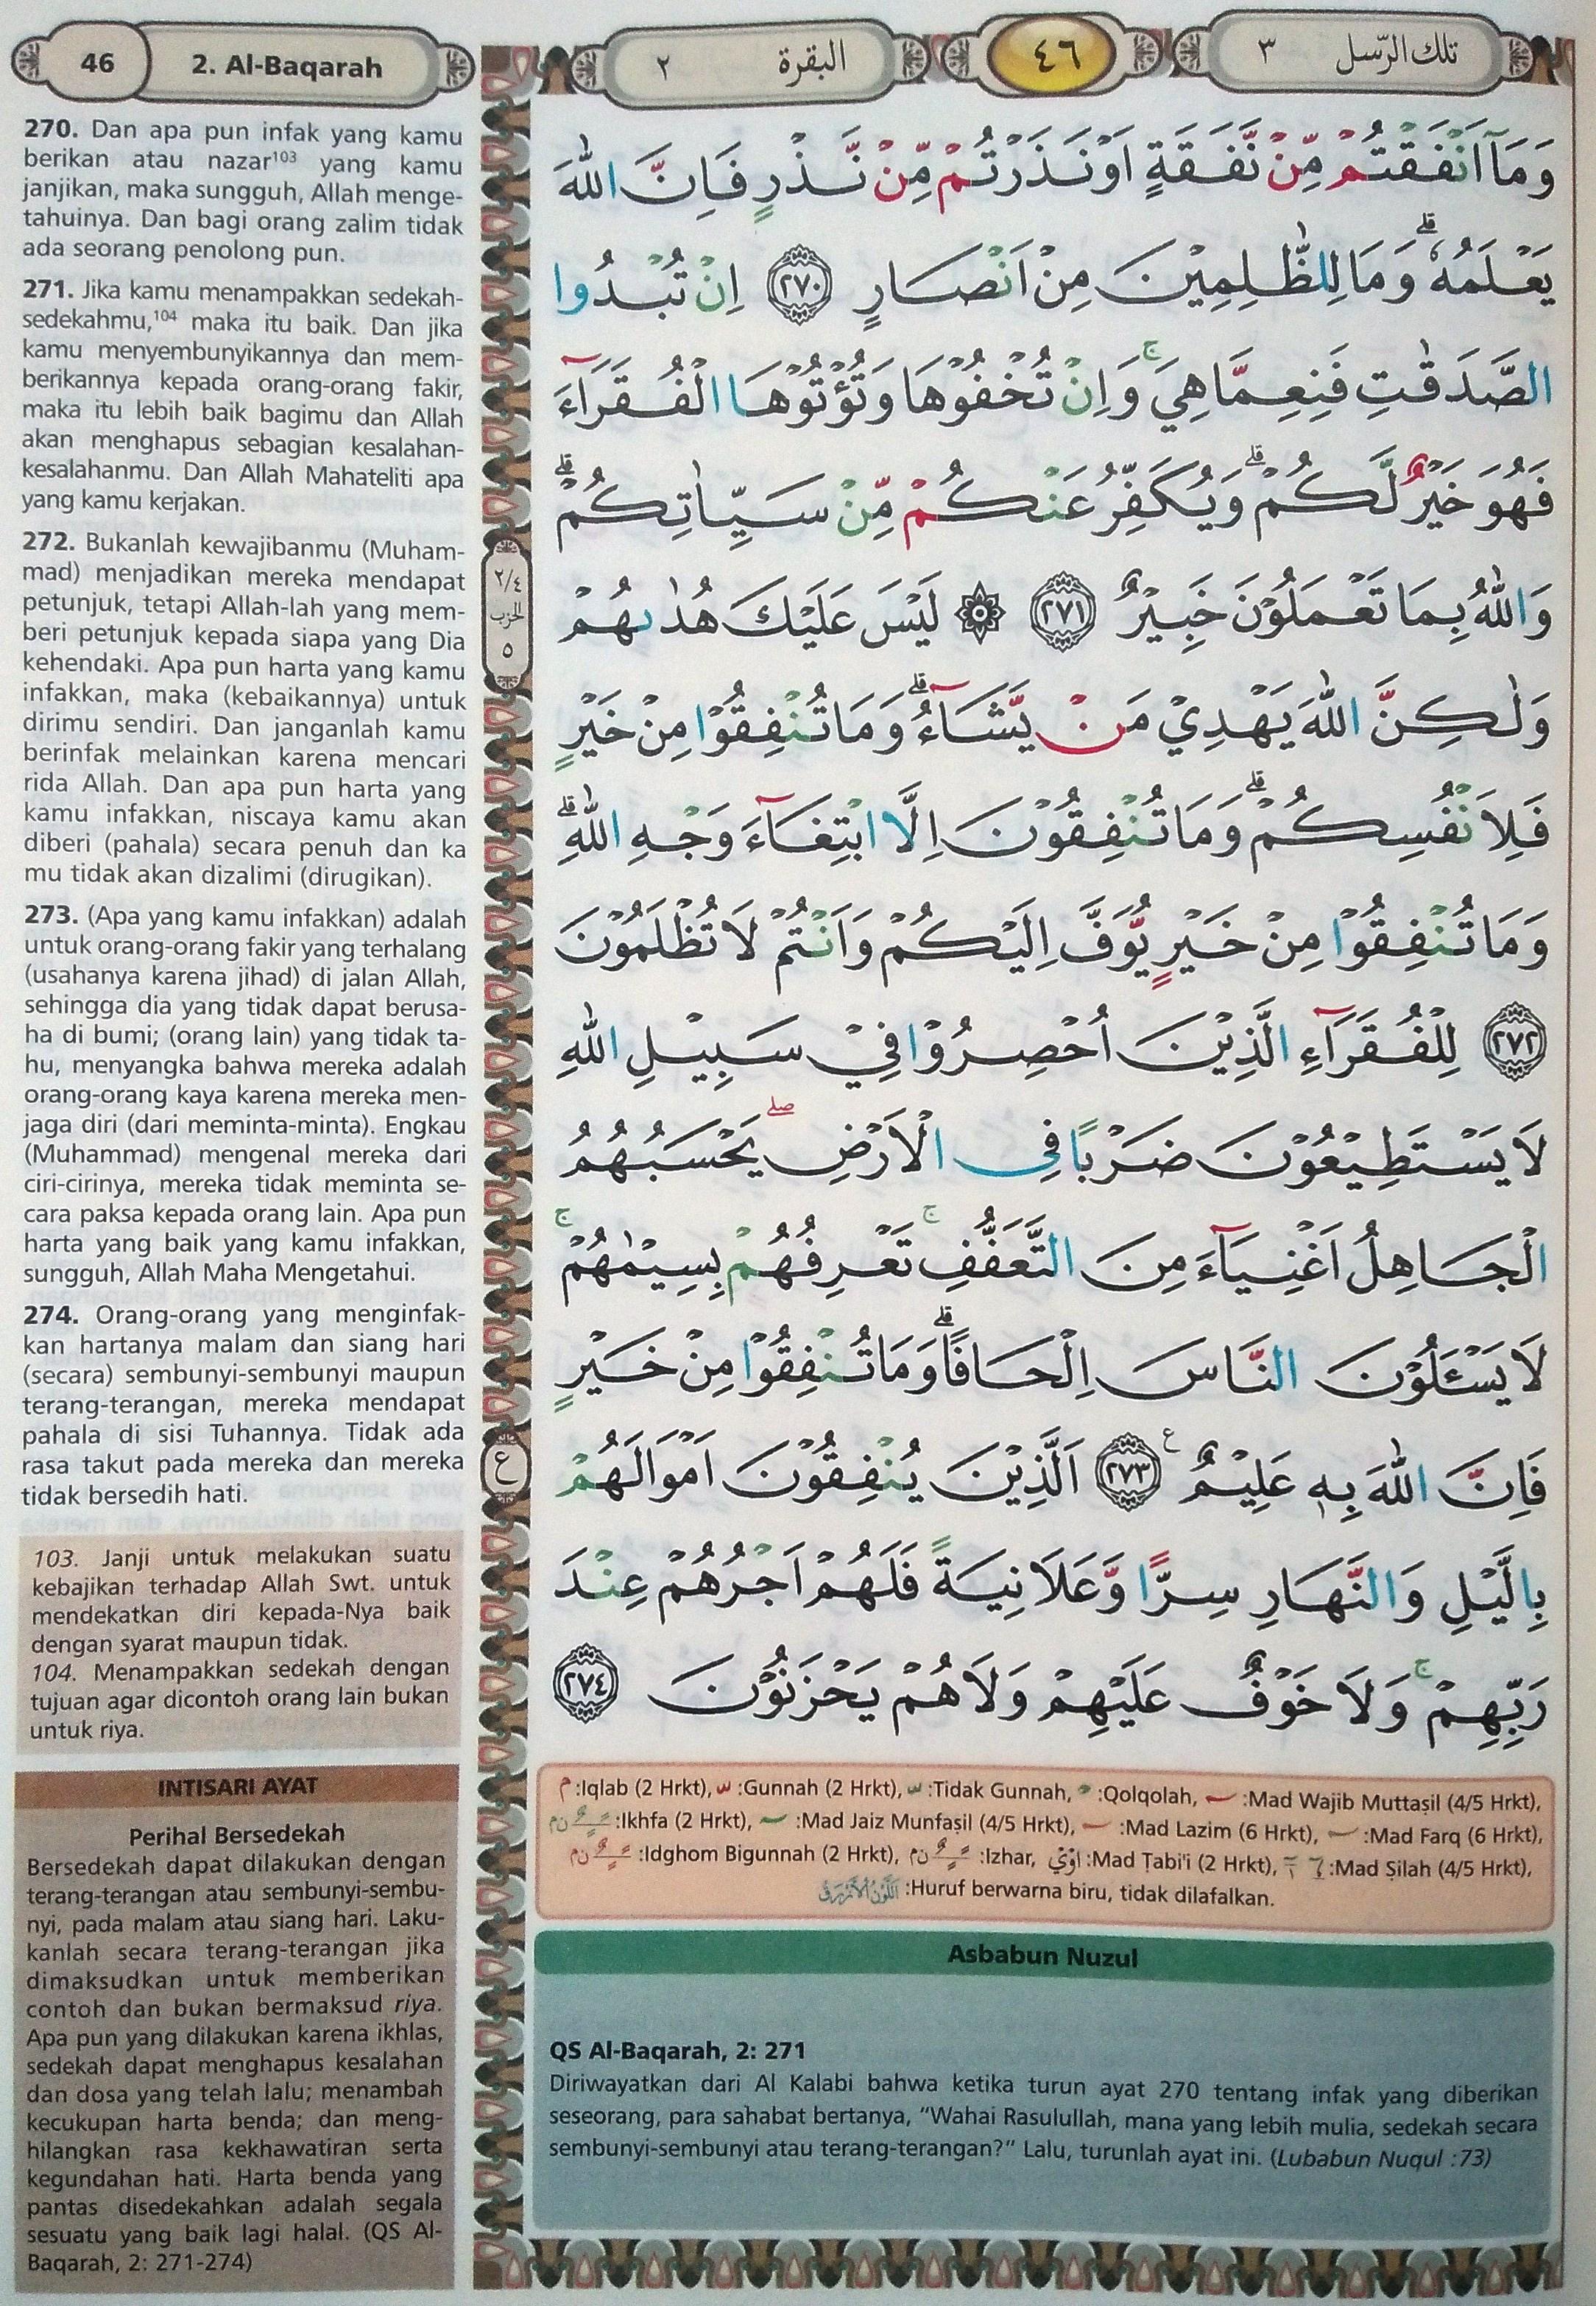 Al Baqarah 270-274